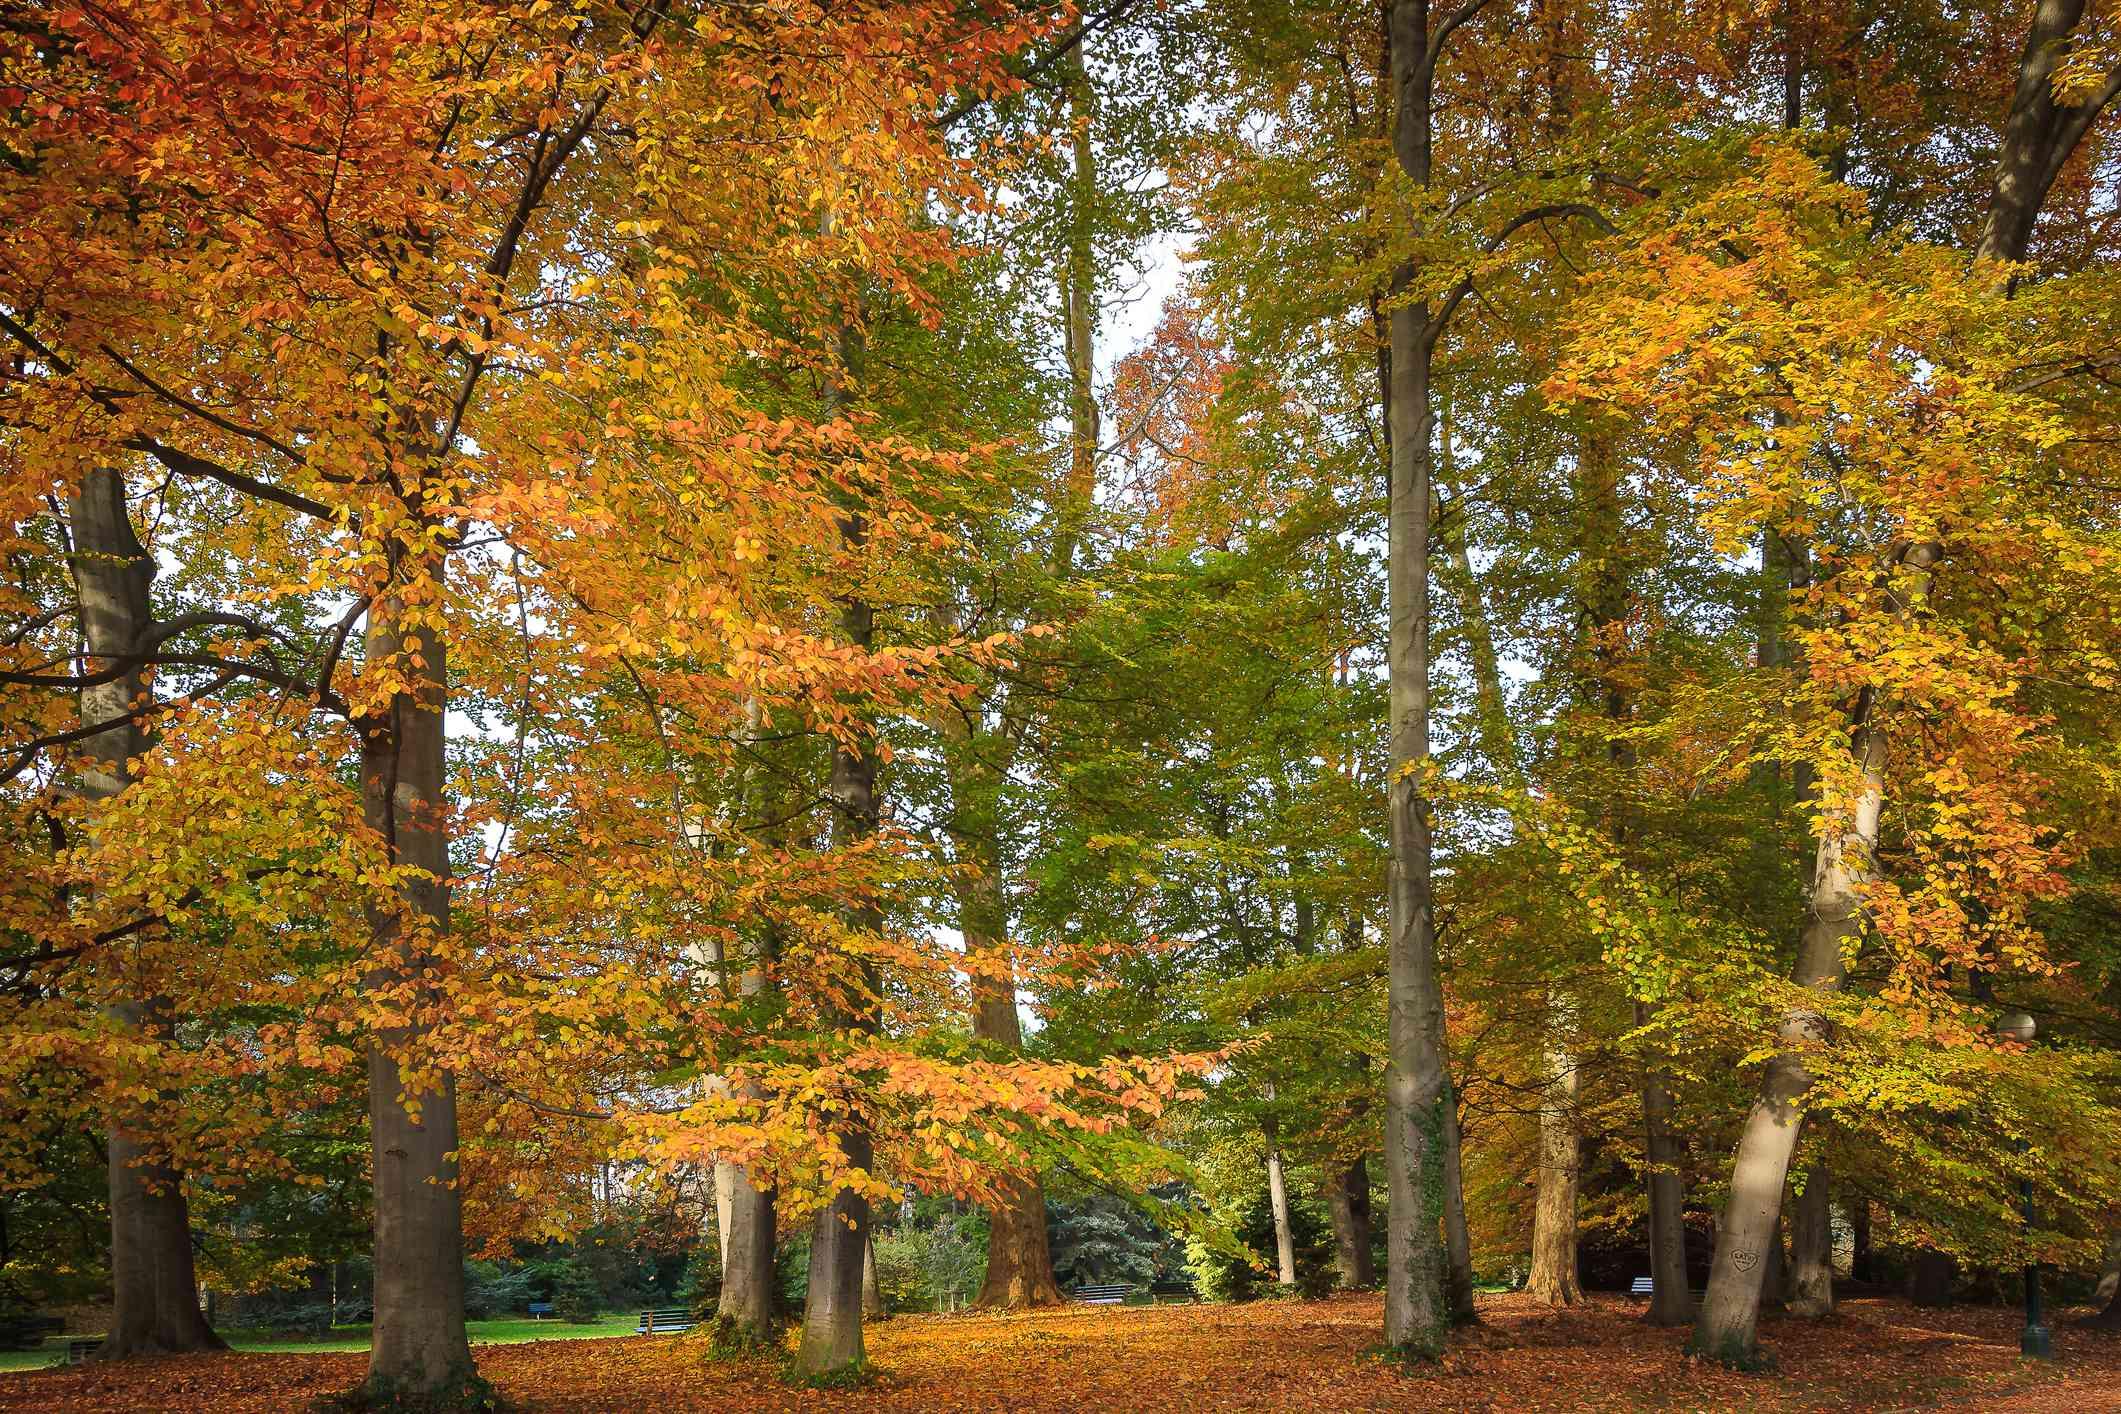 Fall foliage at the Parc de la Tête d'Or, Lyon, France